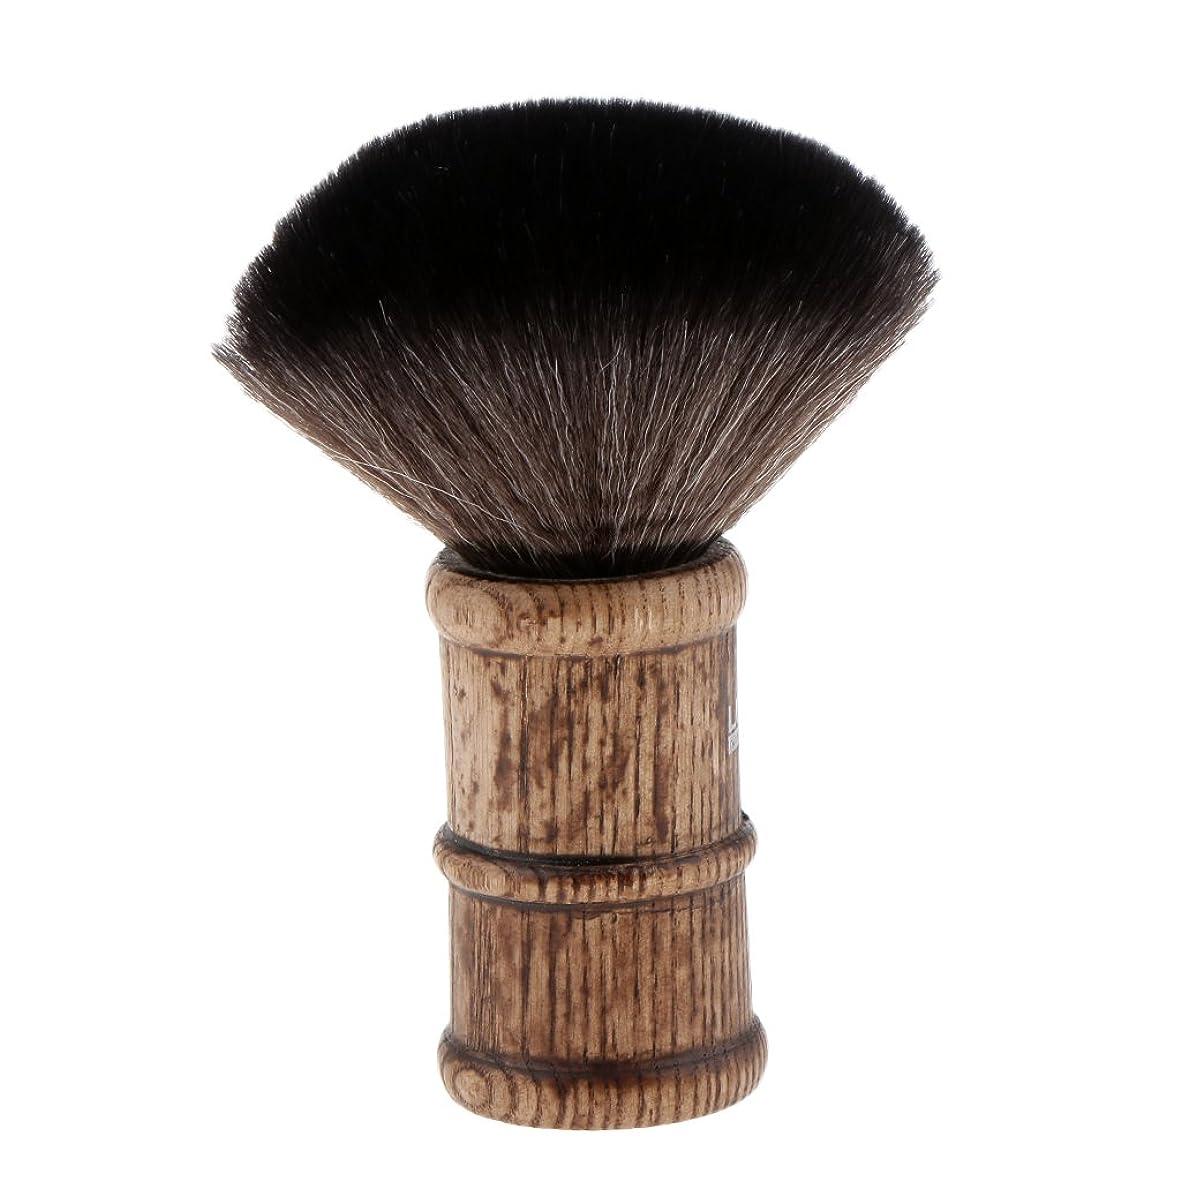 代わりのヘクタールそばにヘアカット ブラシ ネックダスターブラシ 散髪ブラシ 柔らかい フェイスブラシ 2色選べる - ブラック